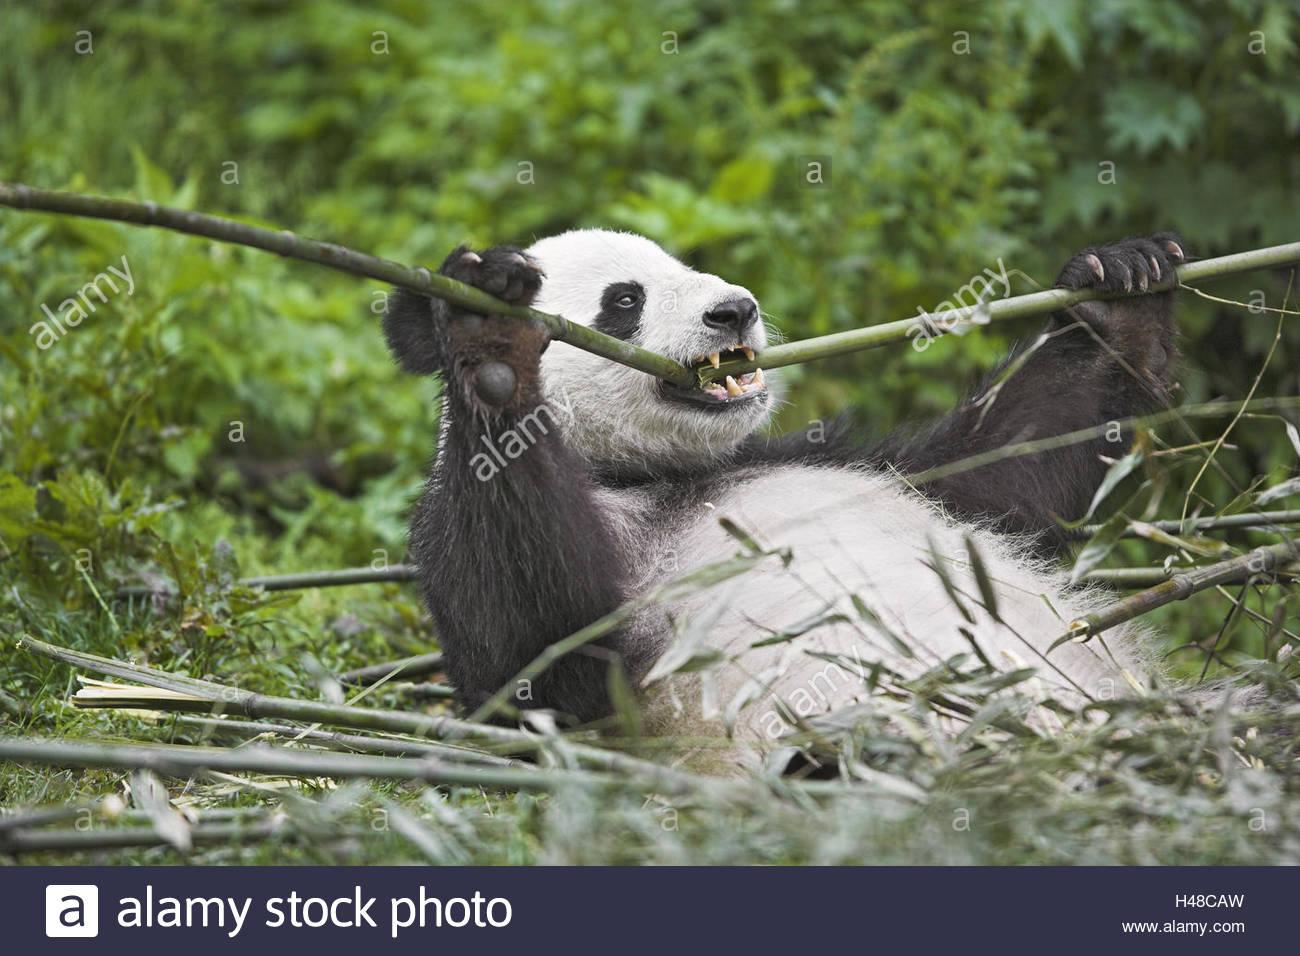 """Panda, """"di grande pandas', Ailuropoda melanoleuca, mangiare, Immagini Stock"""